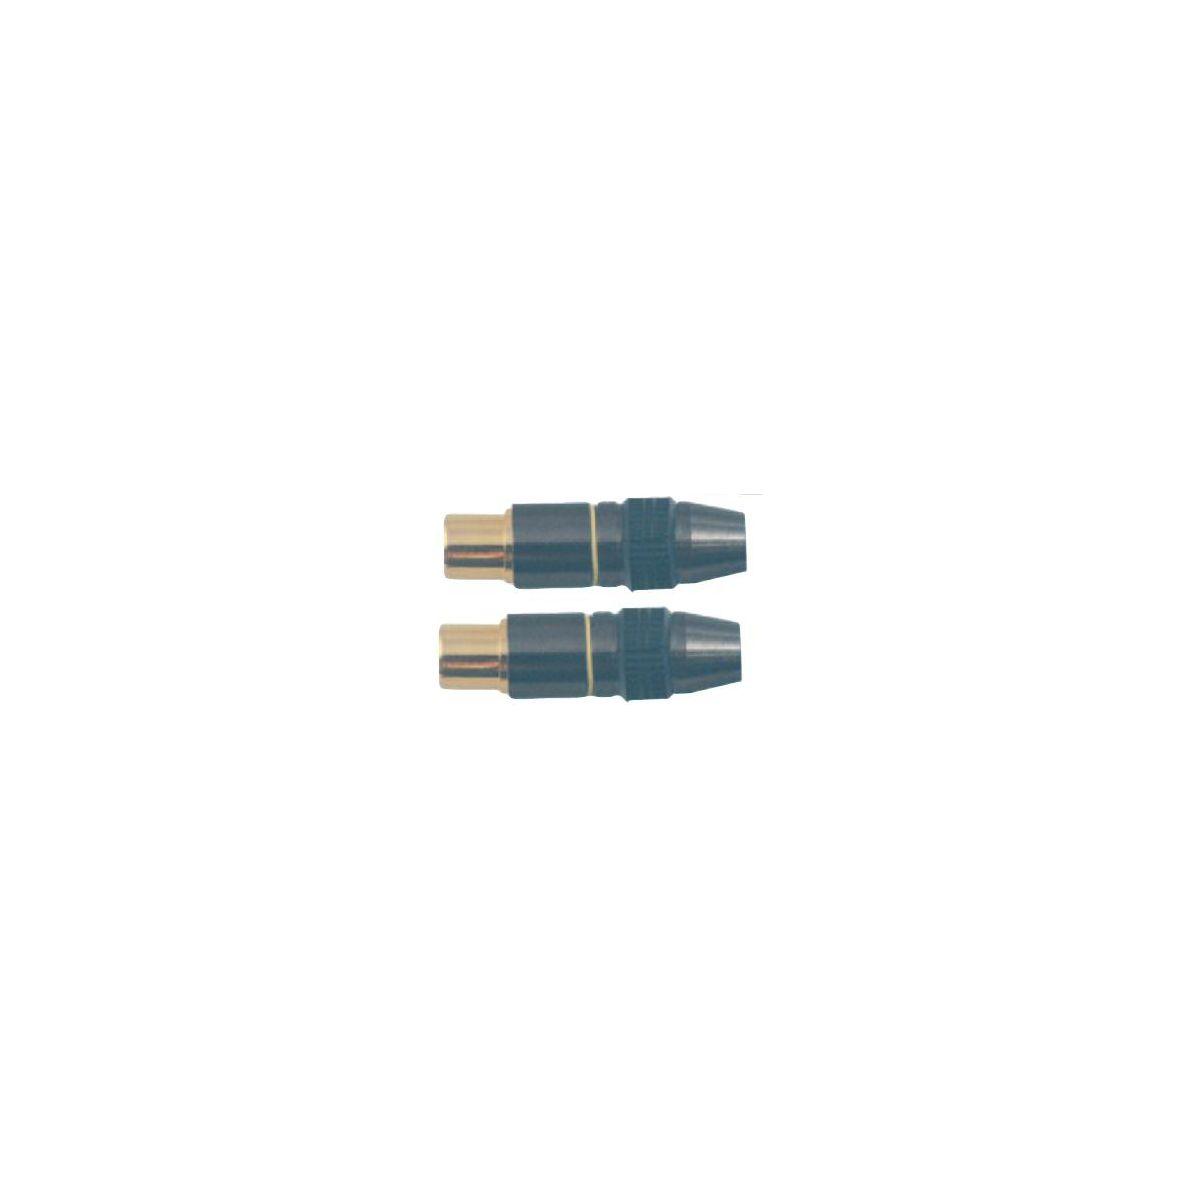 Fiche sc 9,52 mâle *2 métal - produit coup de coeur webdistrib.com ! (photo)